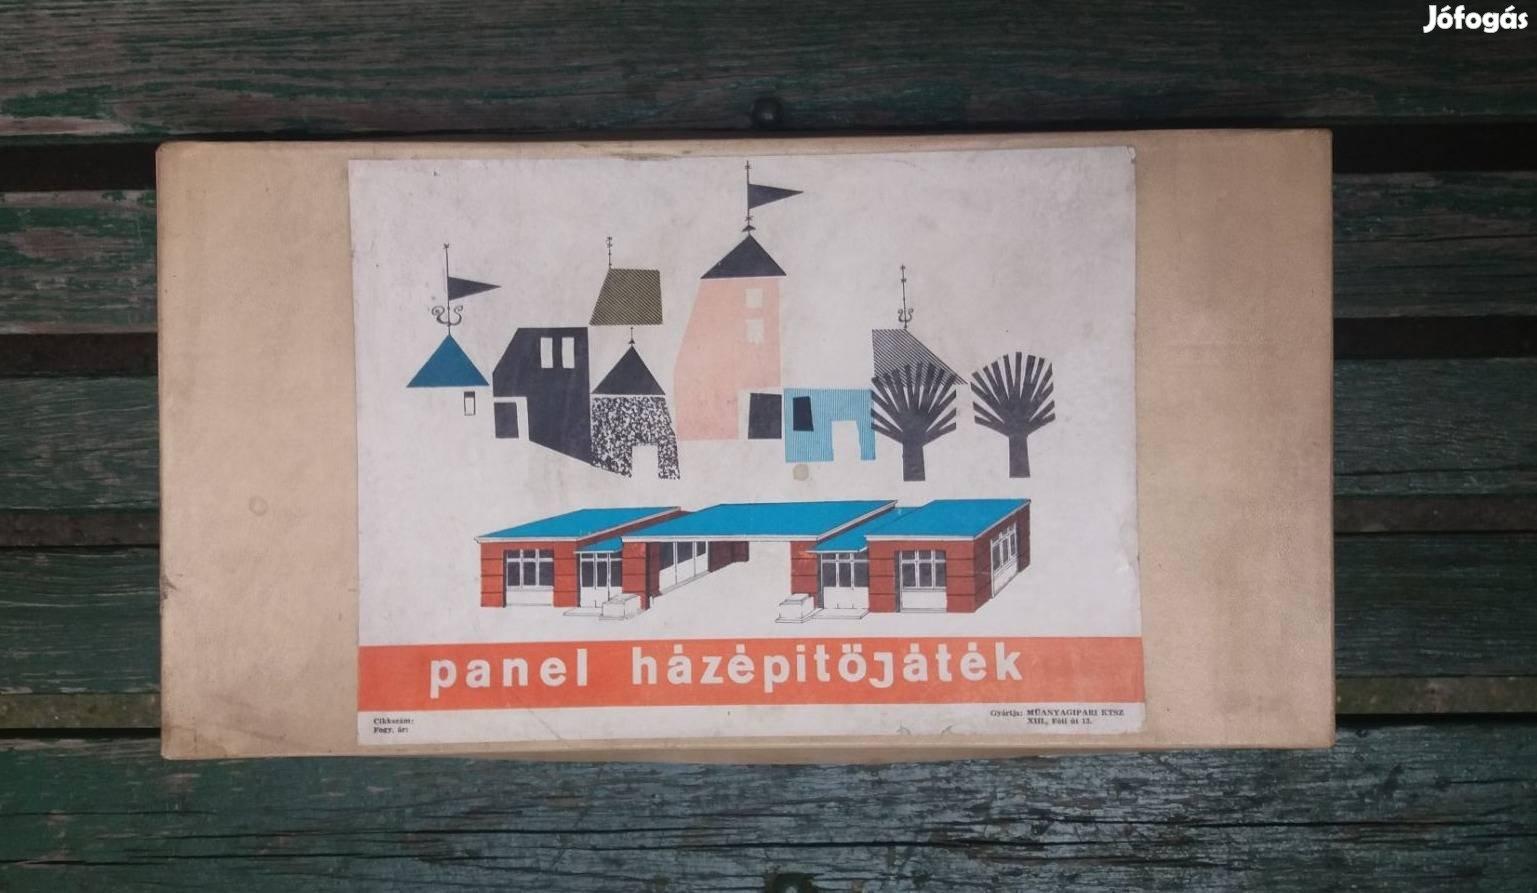 retro_panel_hazepito_jatek_regi_tarsasjatek_belvarosi_atvetel_323951746230090.jpg